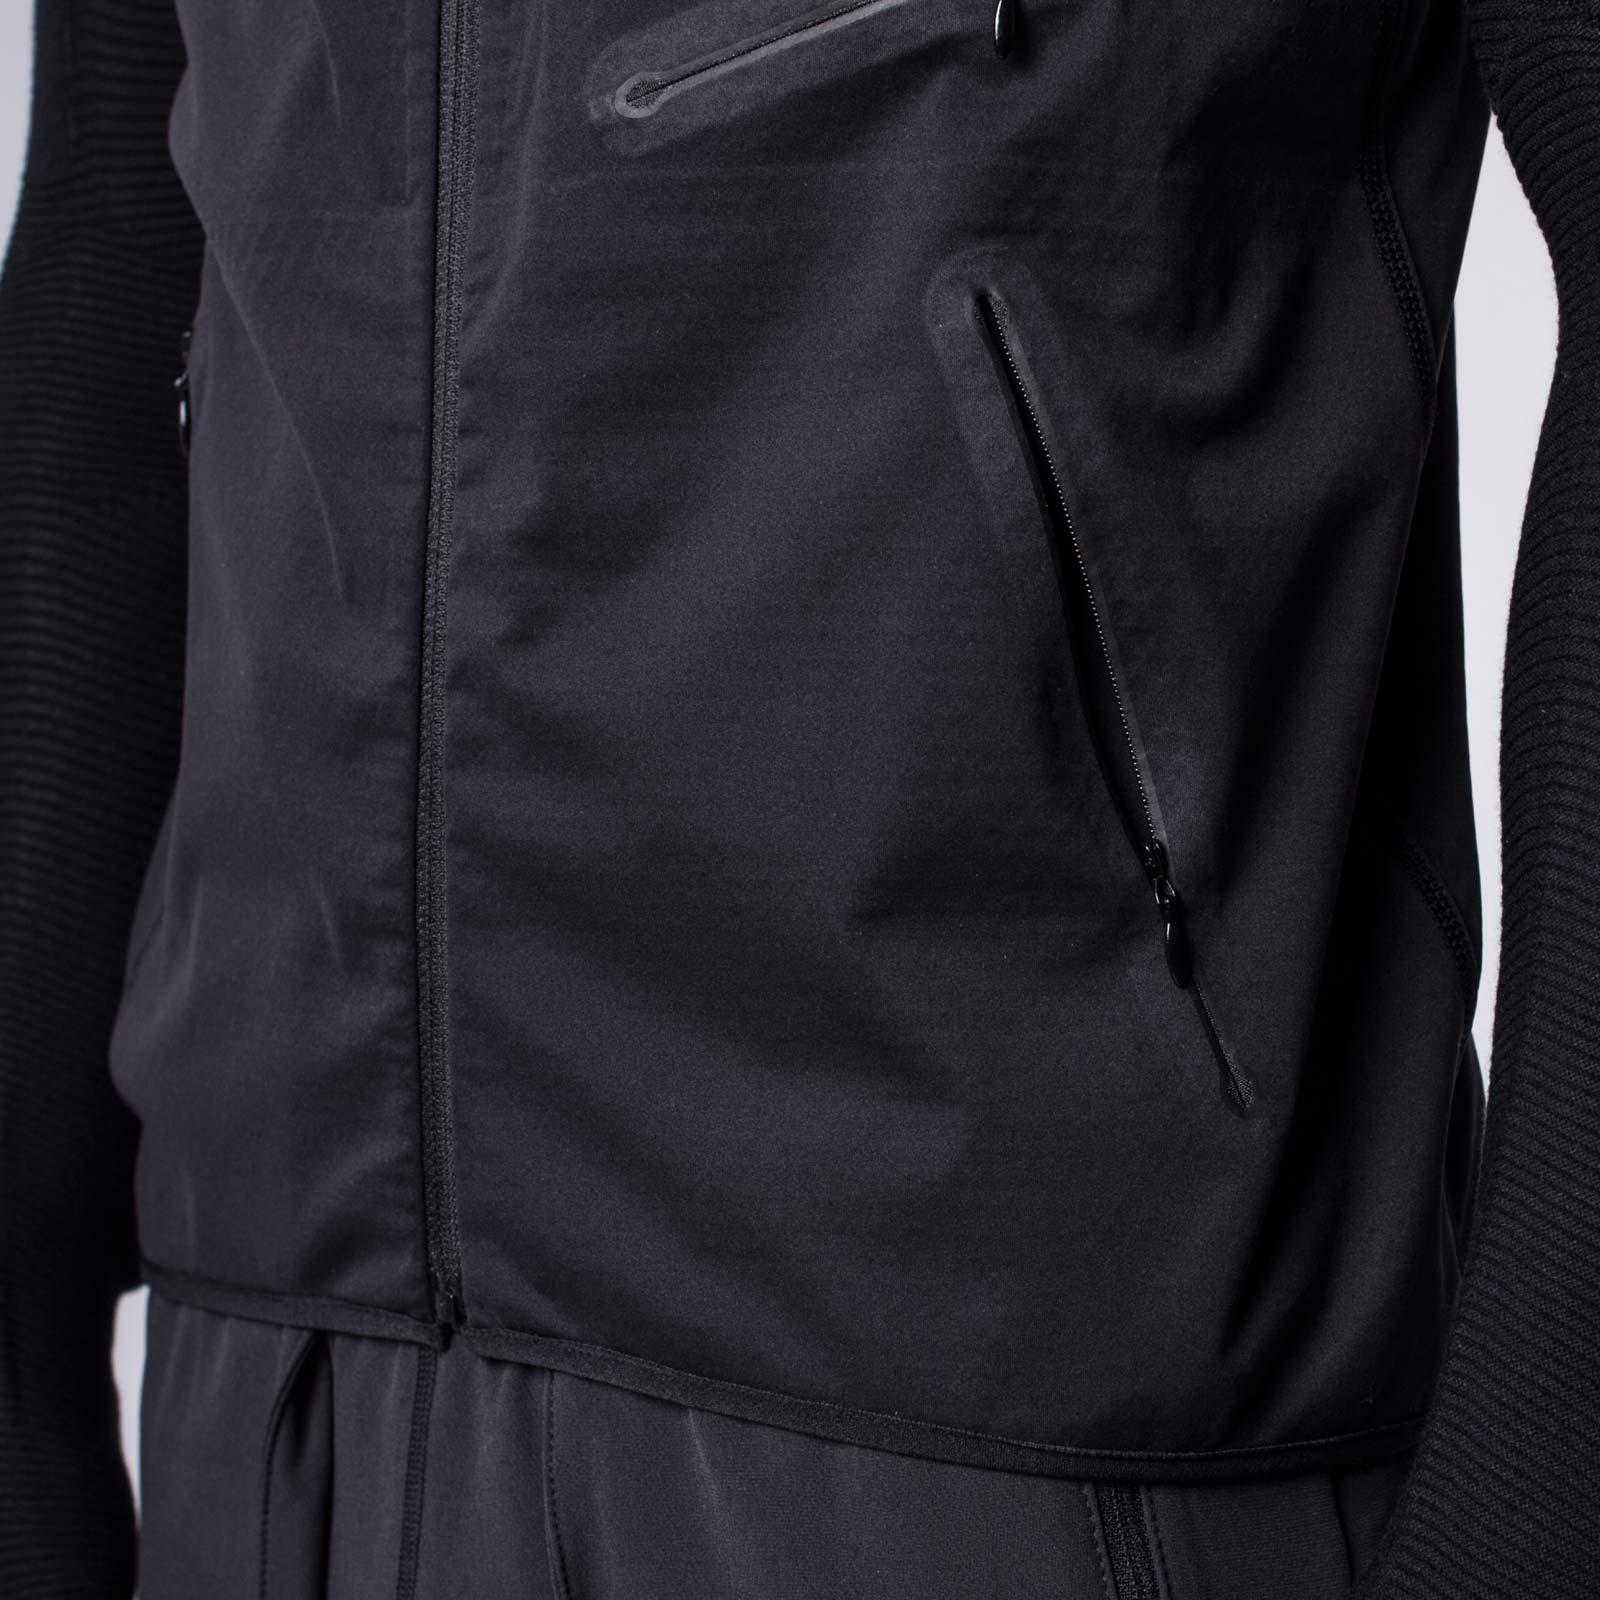 outlet store c96fe 9d699 Nike AS Gyakusou Engi Knit SLV Jacket - 658477-010 - Sneakersnstuff    sneakers   streetwear online since 1999